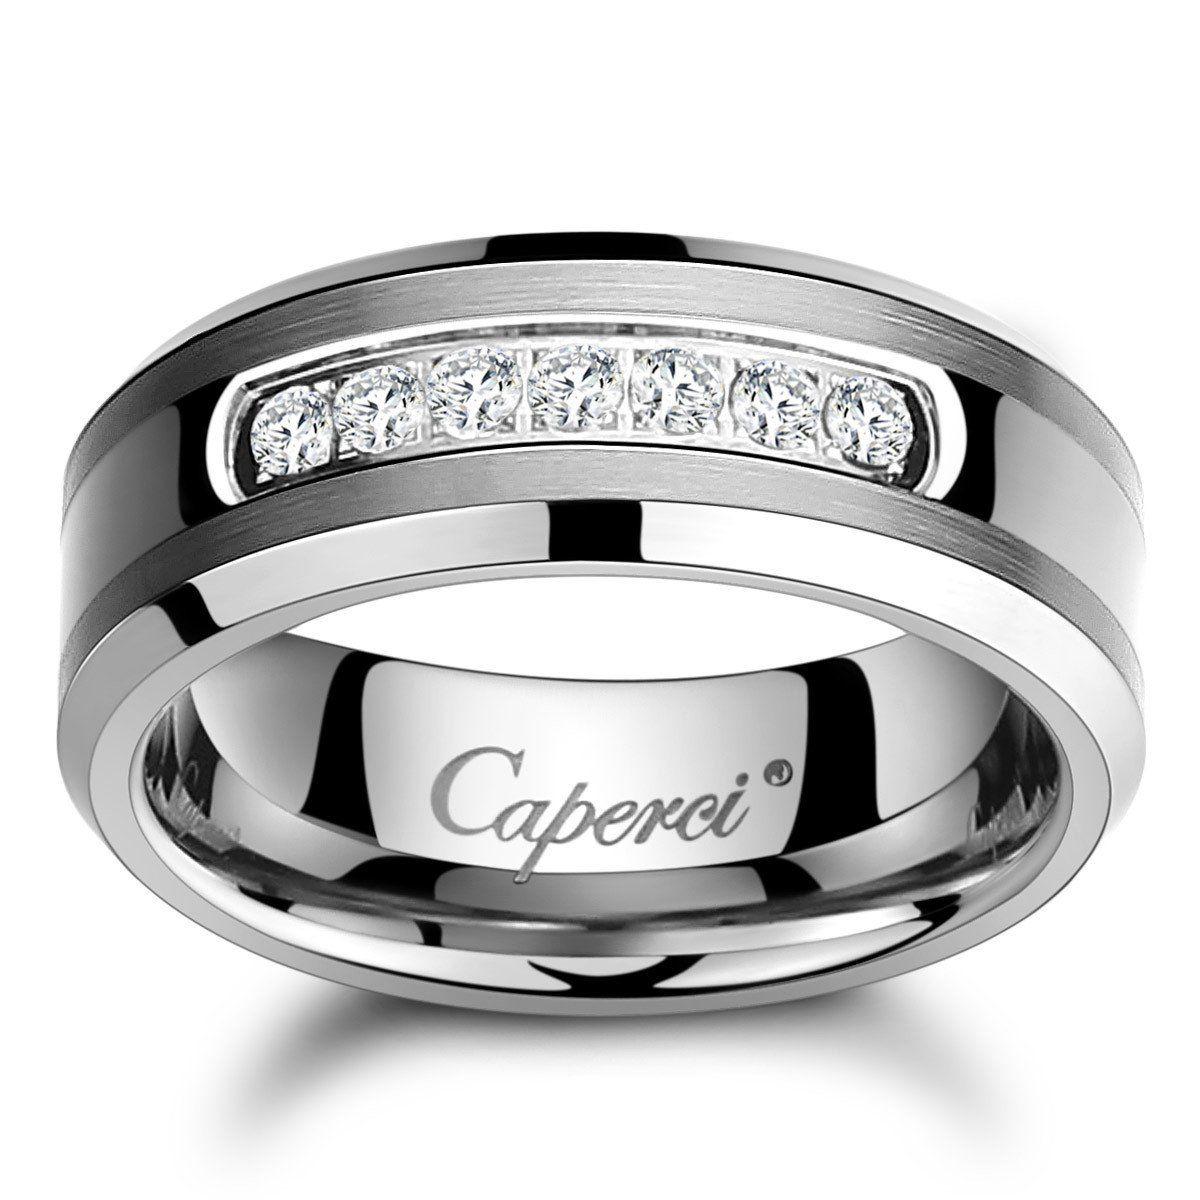 Caperci Men's 8mm CZ Diamond Tungsten Carbide